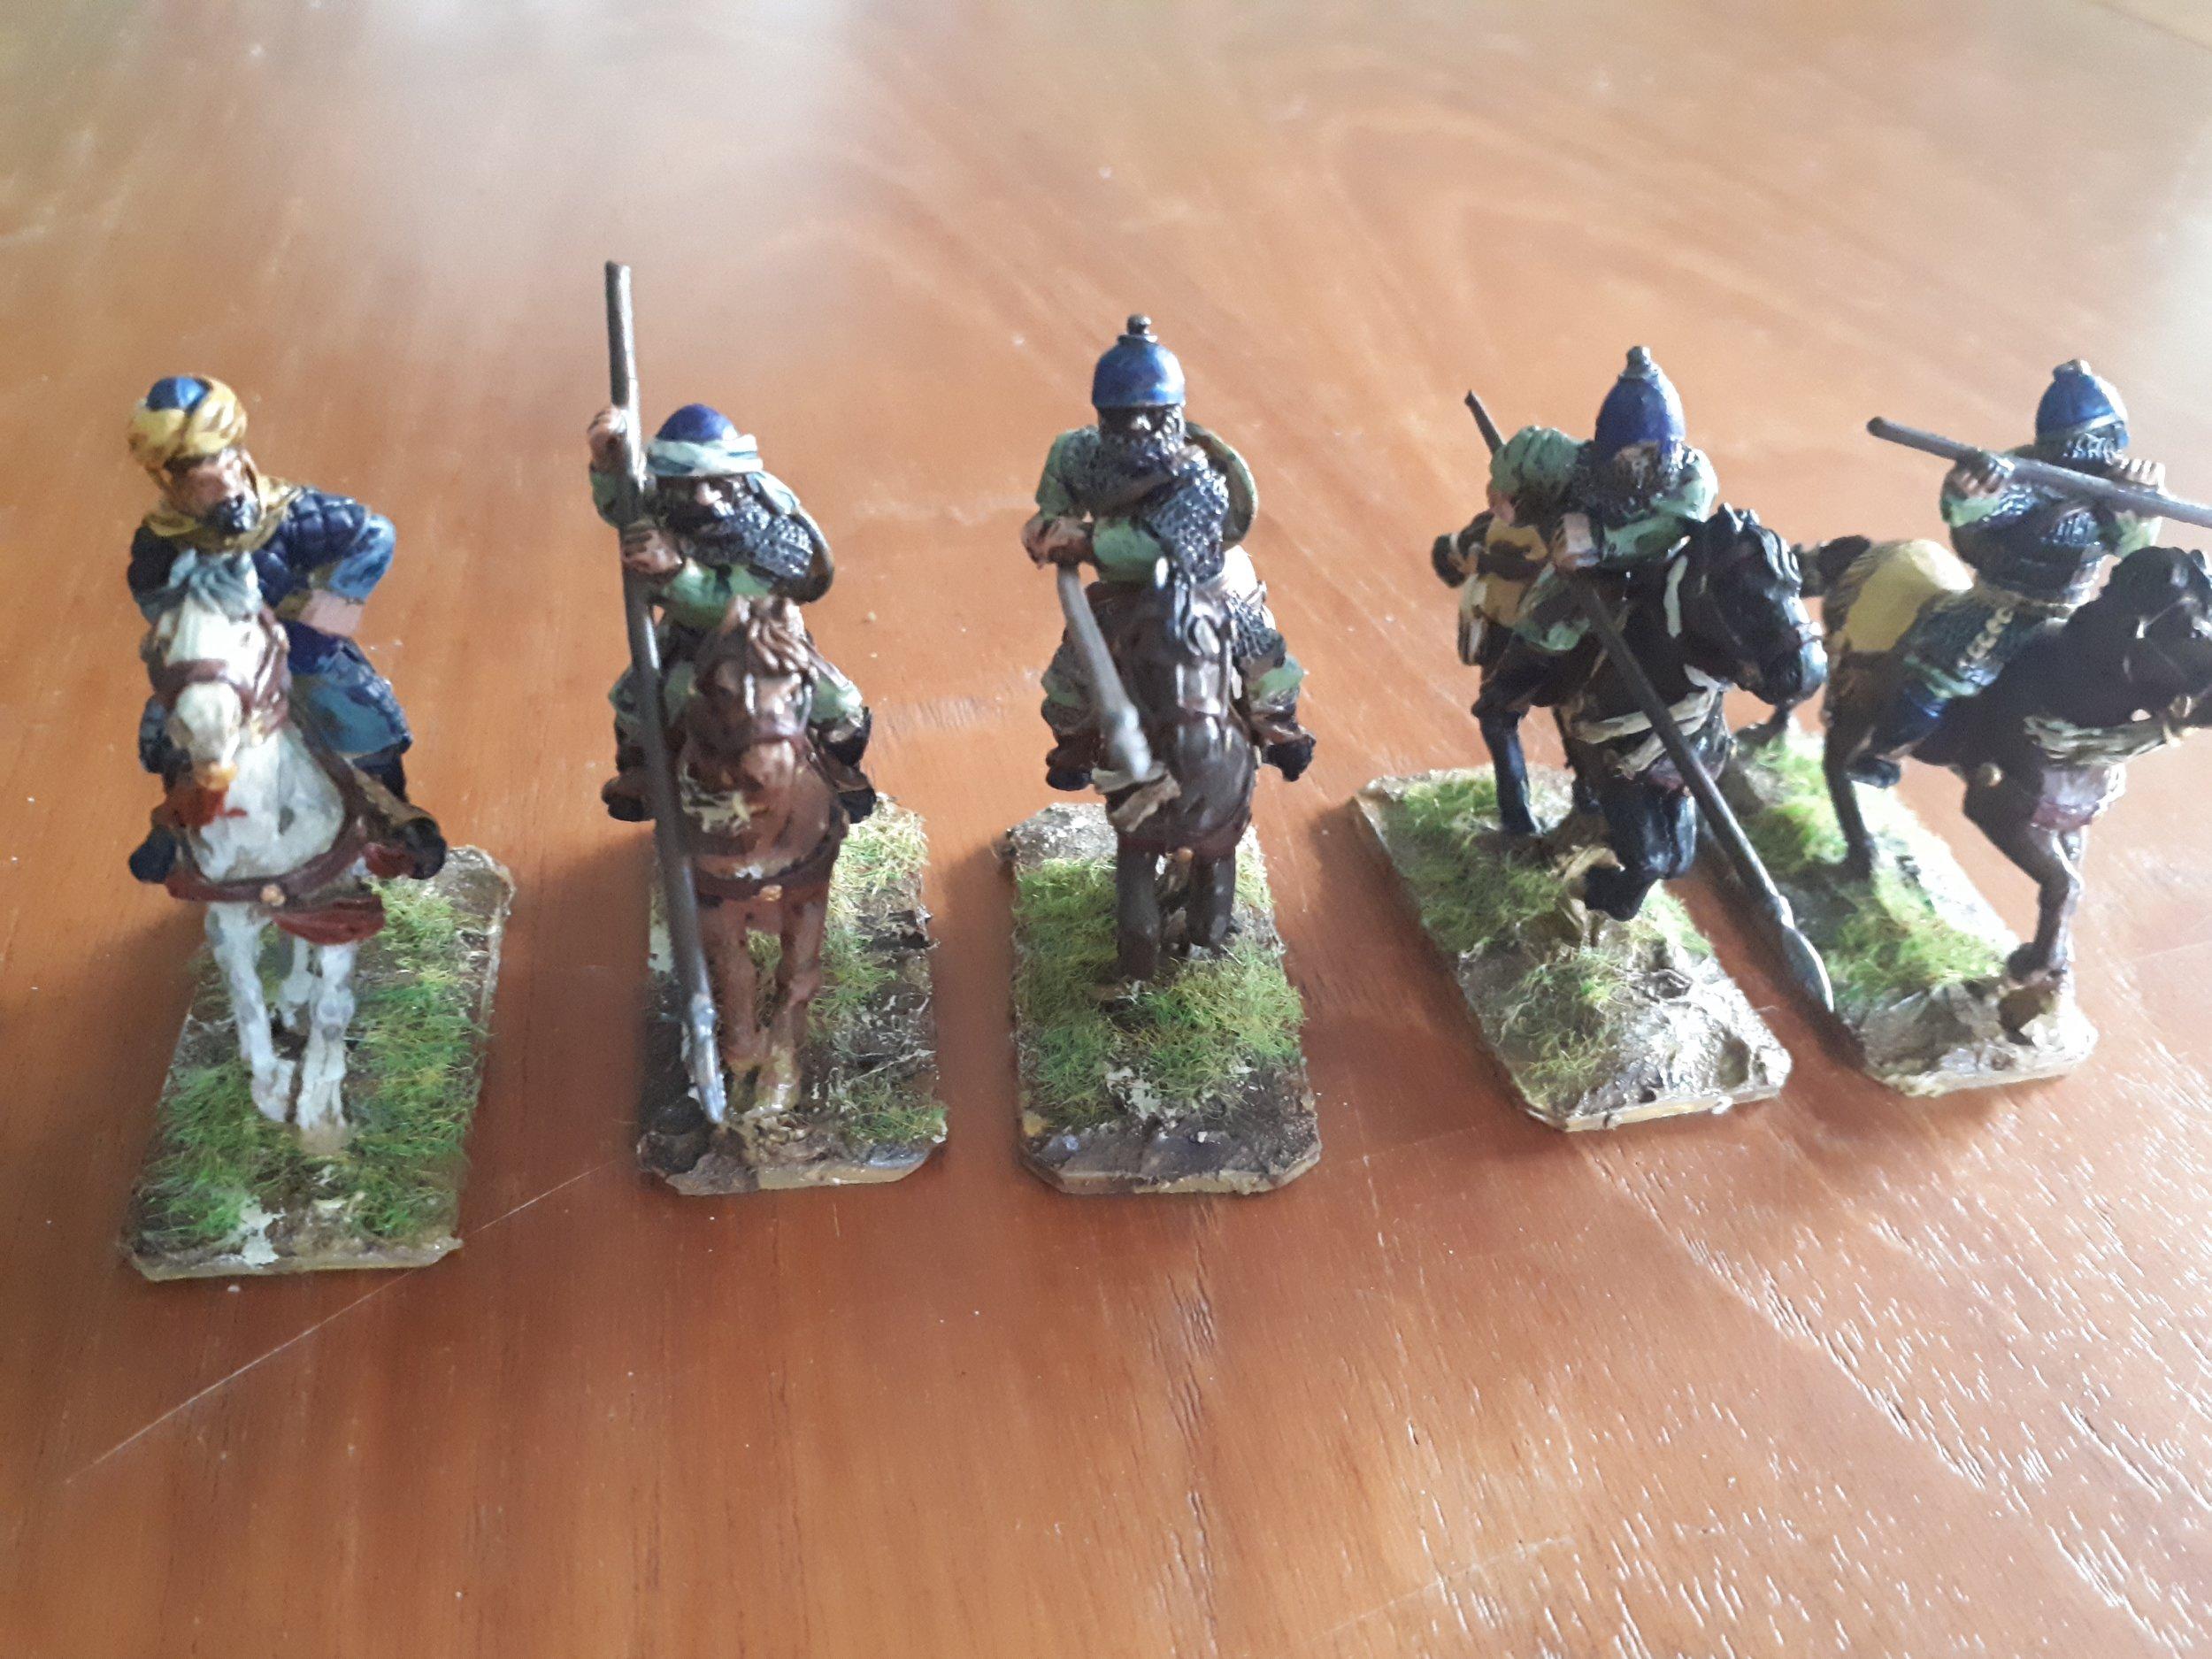 Saracens from Steve Burt